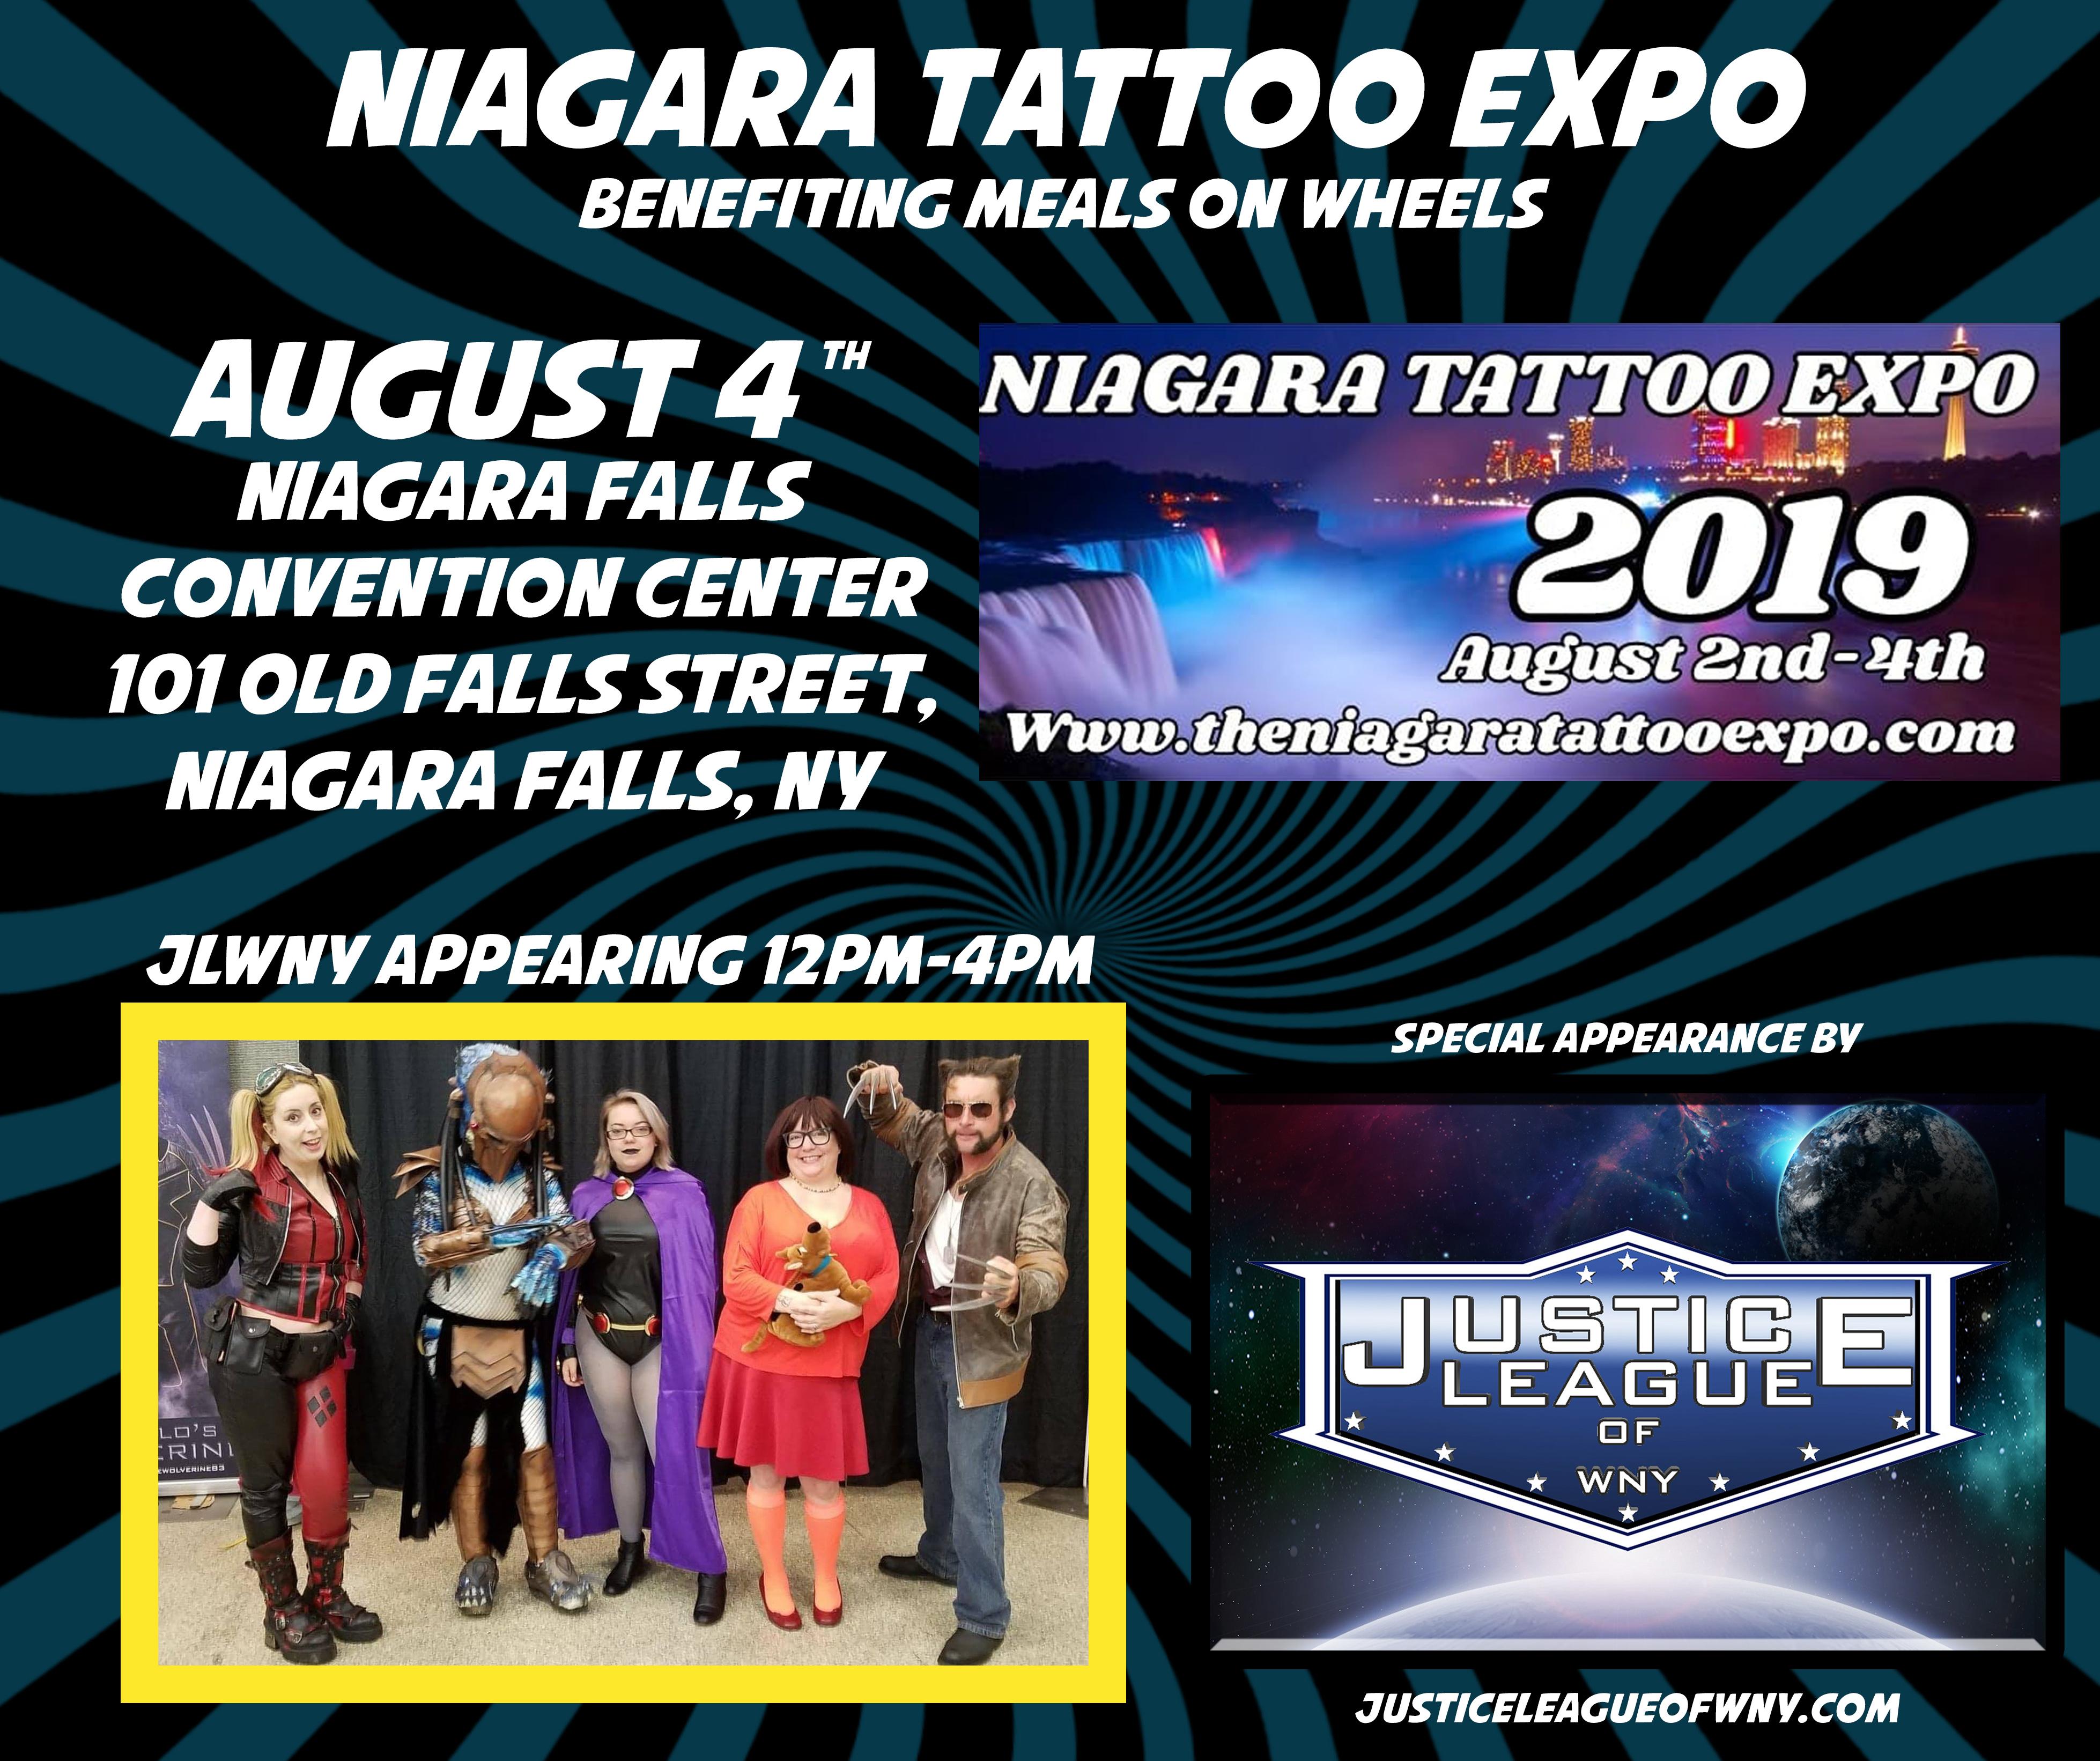 Niagara Tattoo Expo